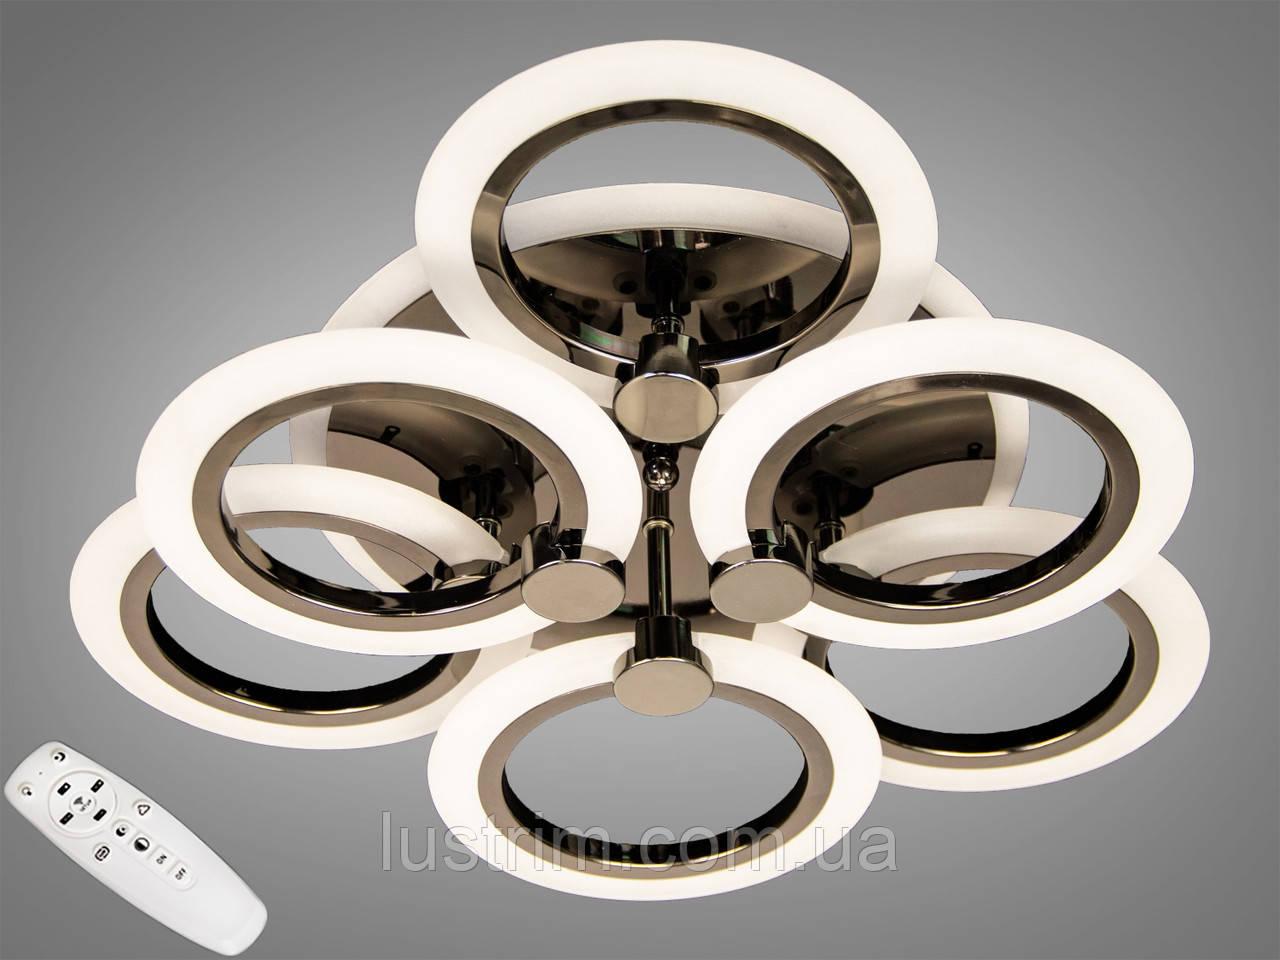 Светодиодная LED люстра с диммером и RGB подсветкой, 75W